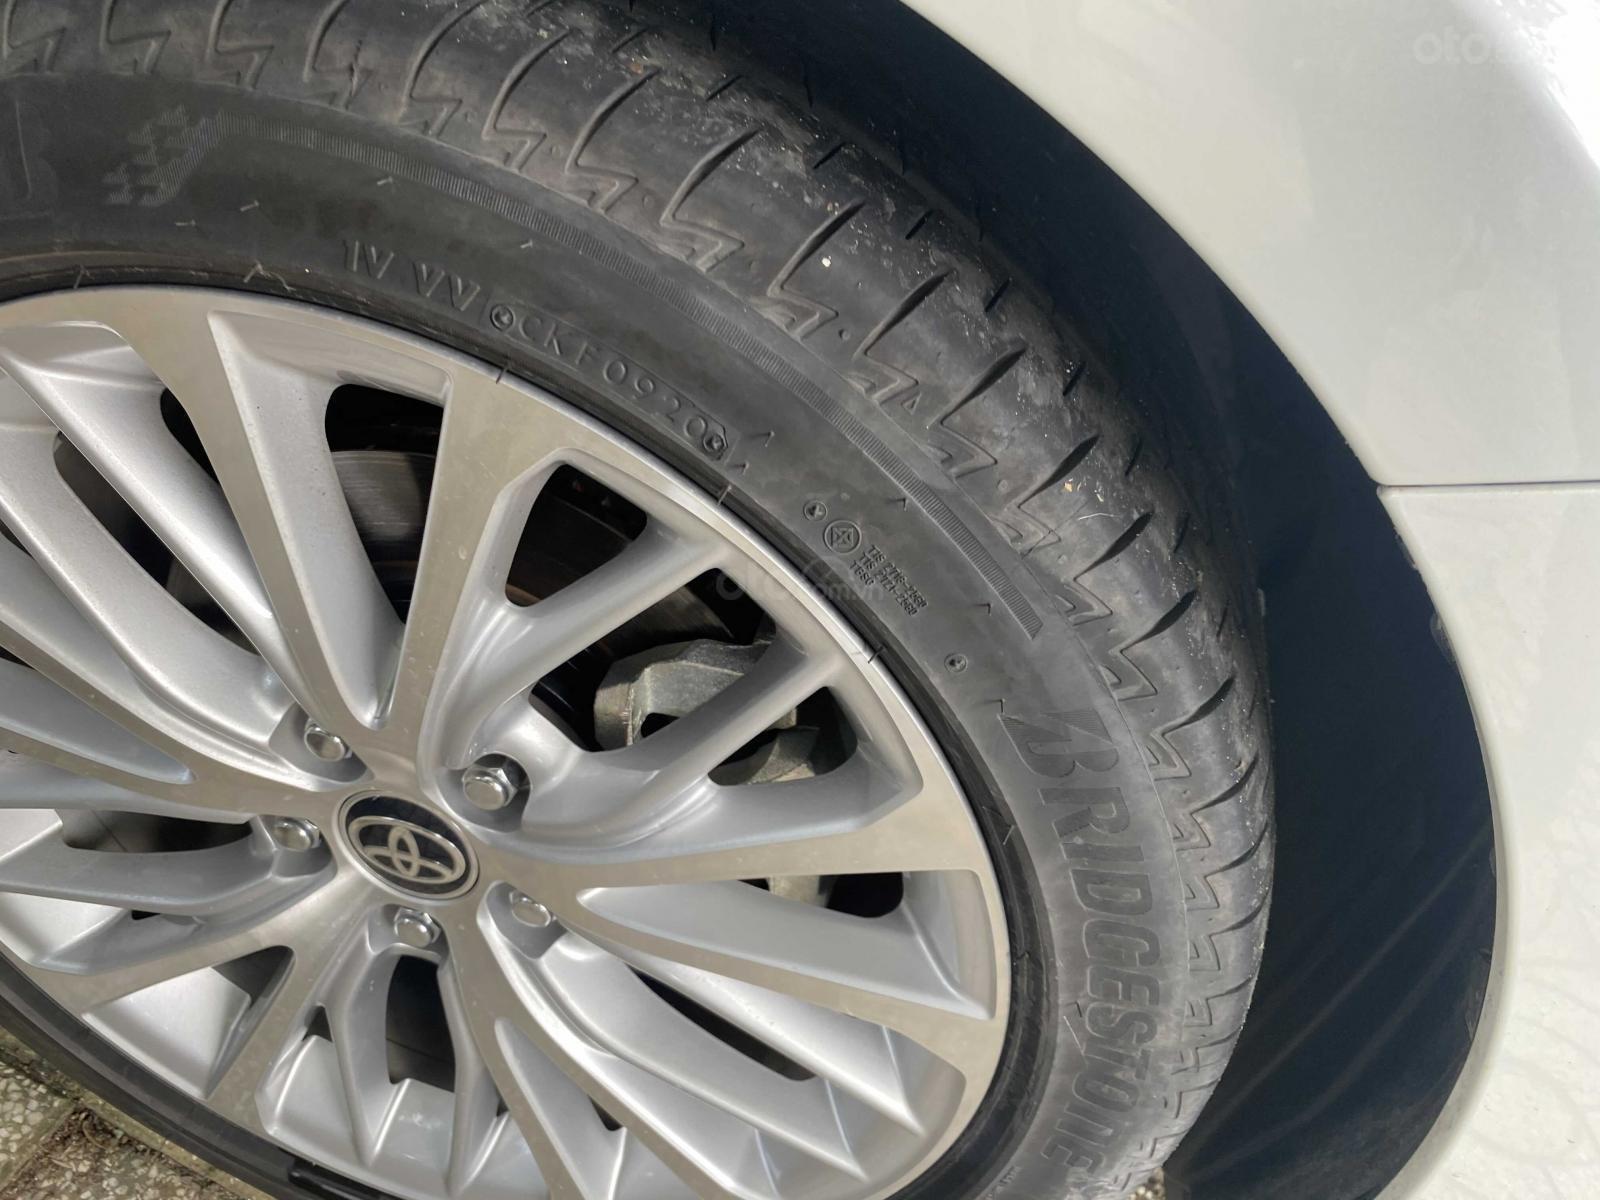 Bán ô tô Toyota Camry năm 2020, màu trắng, ít sử dụng, giá 1 tỷ 290 triệu đồng (12)